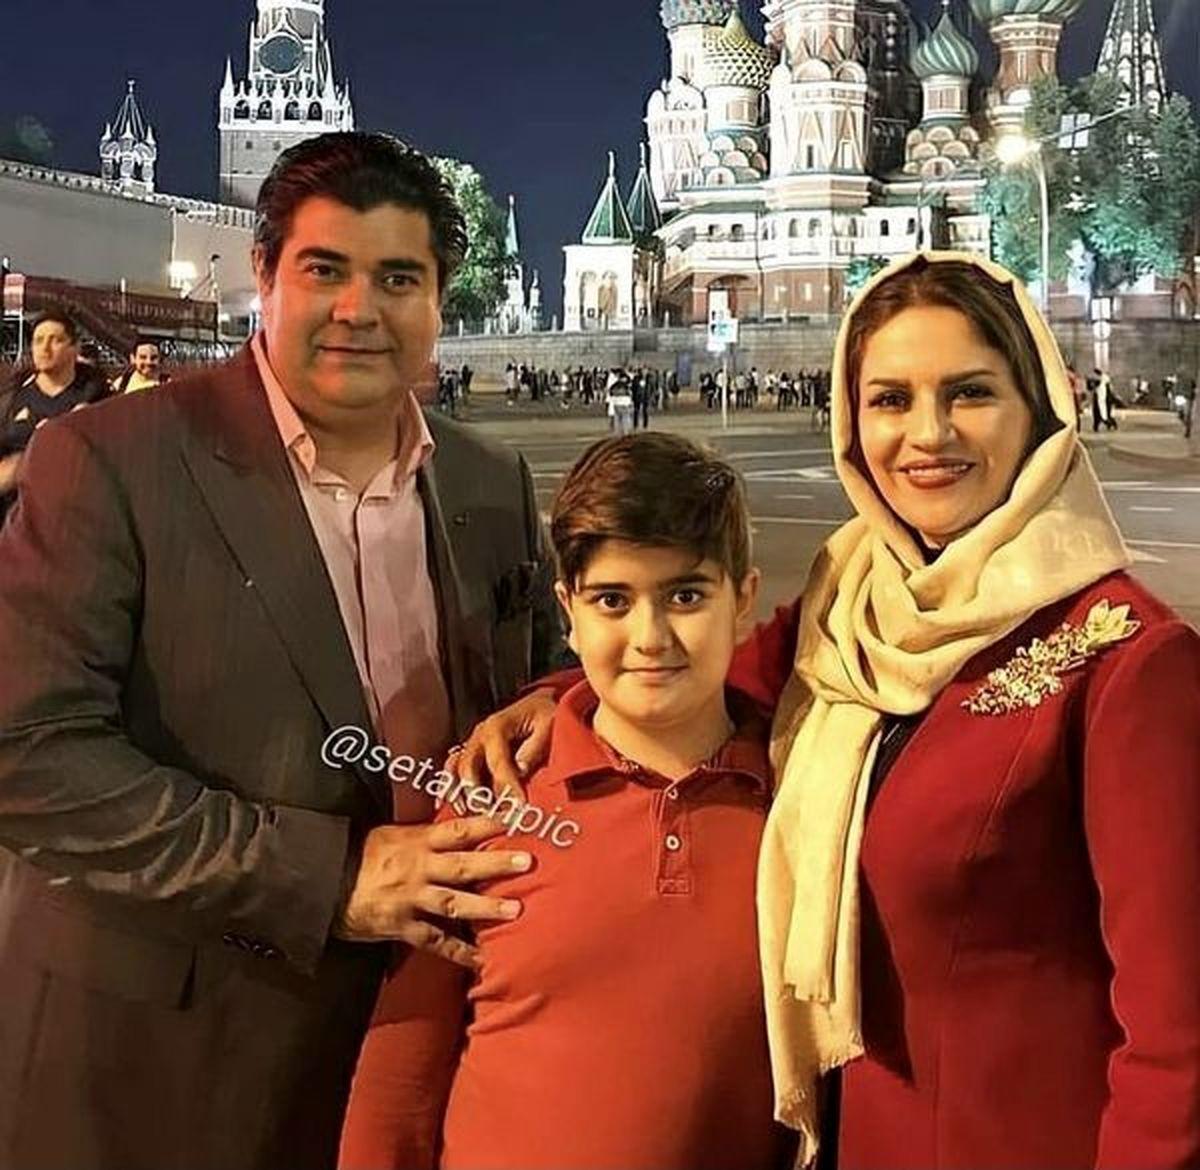 مهاجرت سالار عقیلی و خانواده به روسیه؟ +عکس